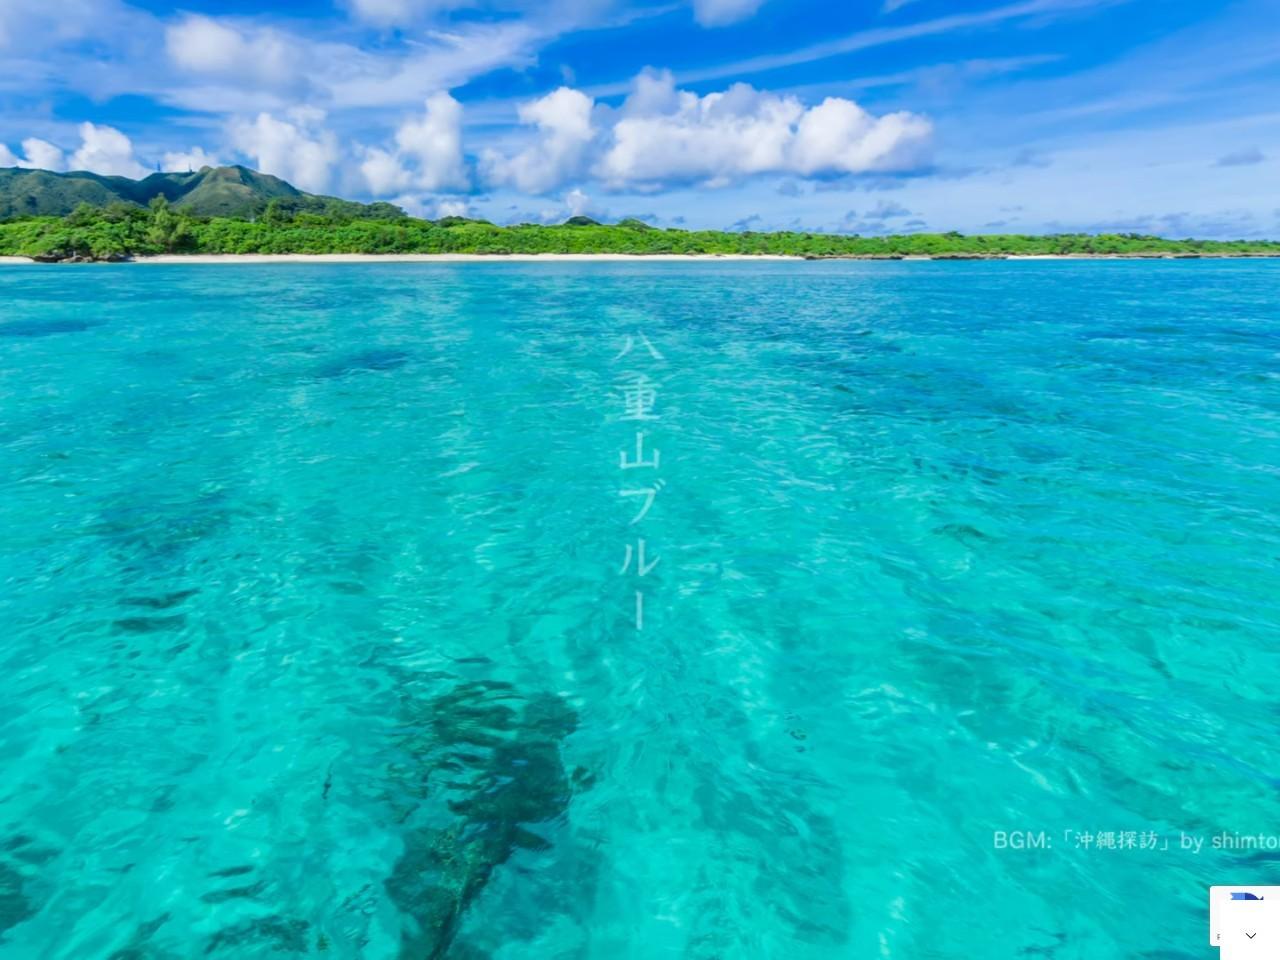 みんさー工芸館 - 石垣島の観光・かりゆしウェア・織物・お土産 | ホーム